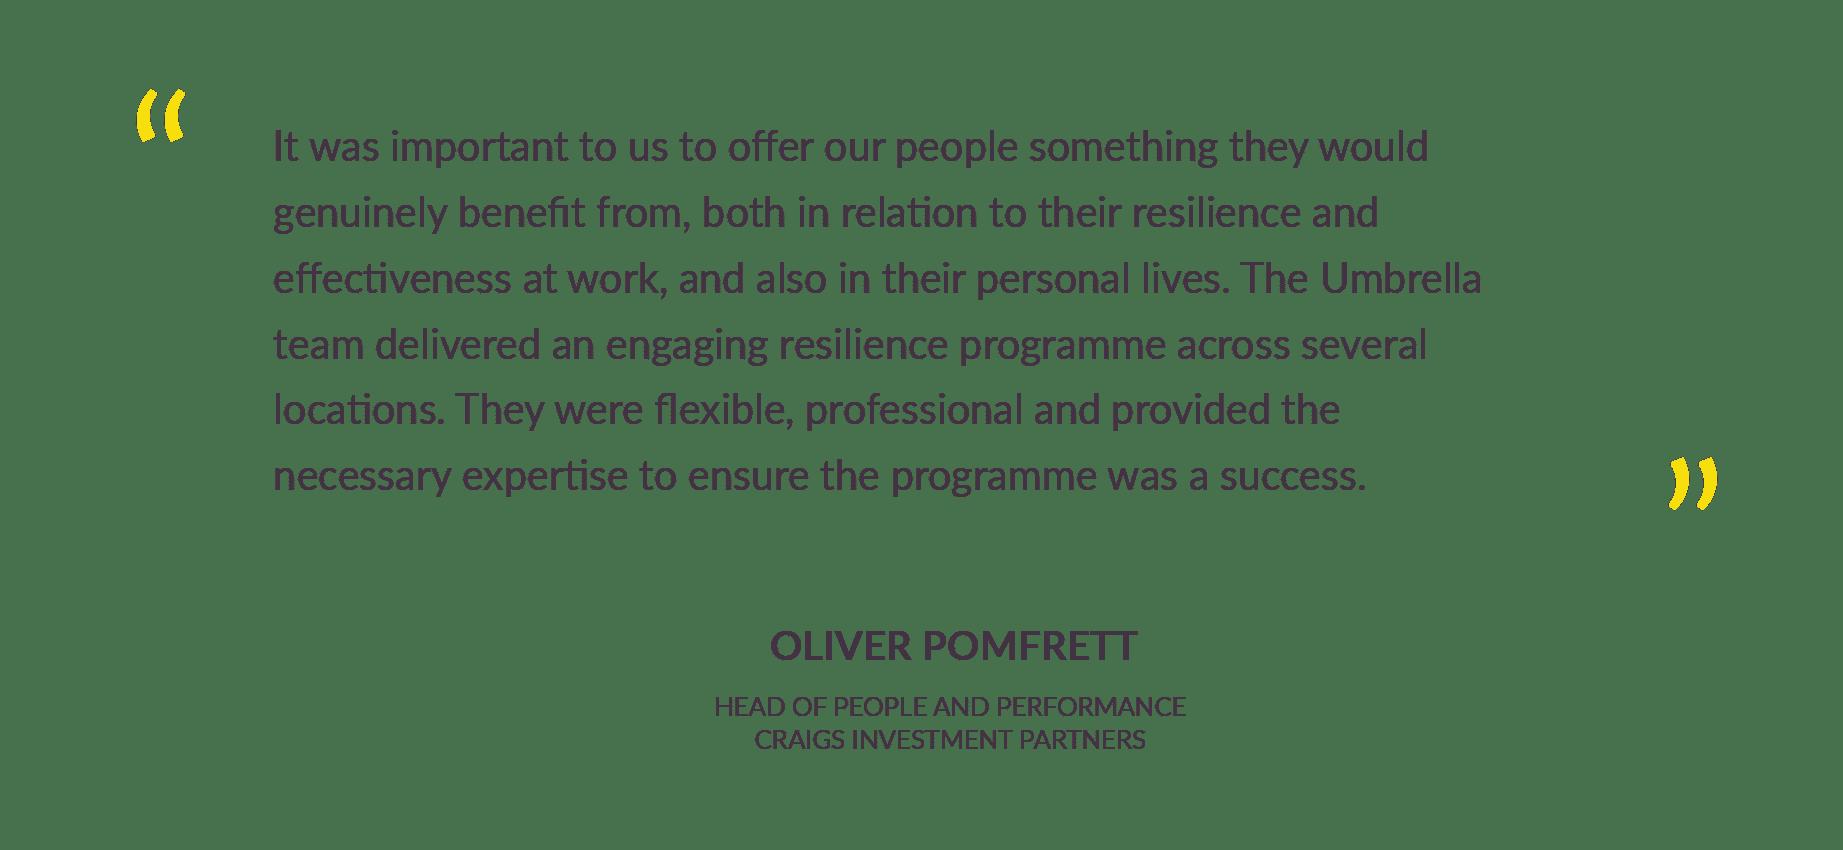 Oliver Pomfrett